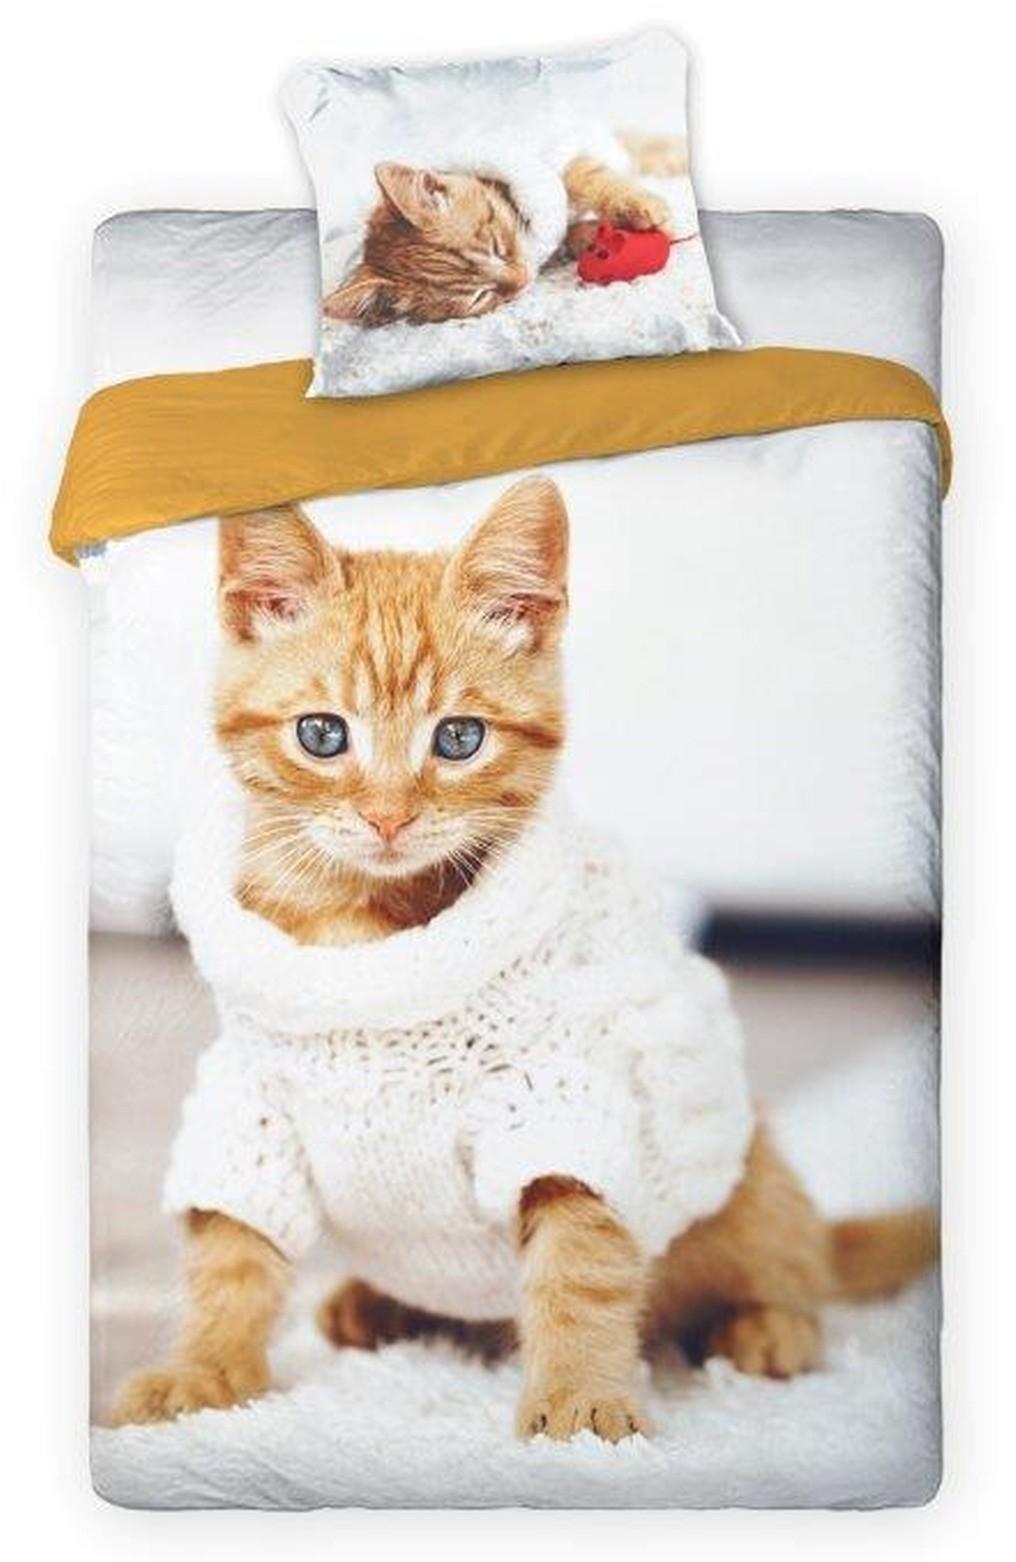 DomTextilu Posteľné obliečky s rozkošným mačiatkom 2 časti: 1ks 160 cmx200 + 1ks 70 cmx80 Béžová 140x200 cm 22583-140131